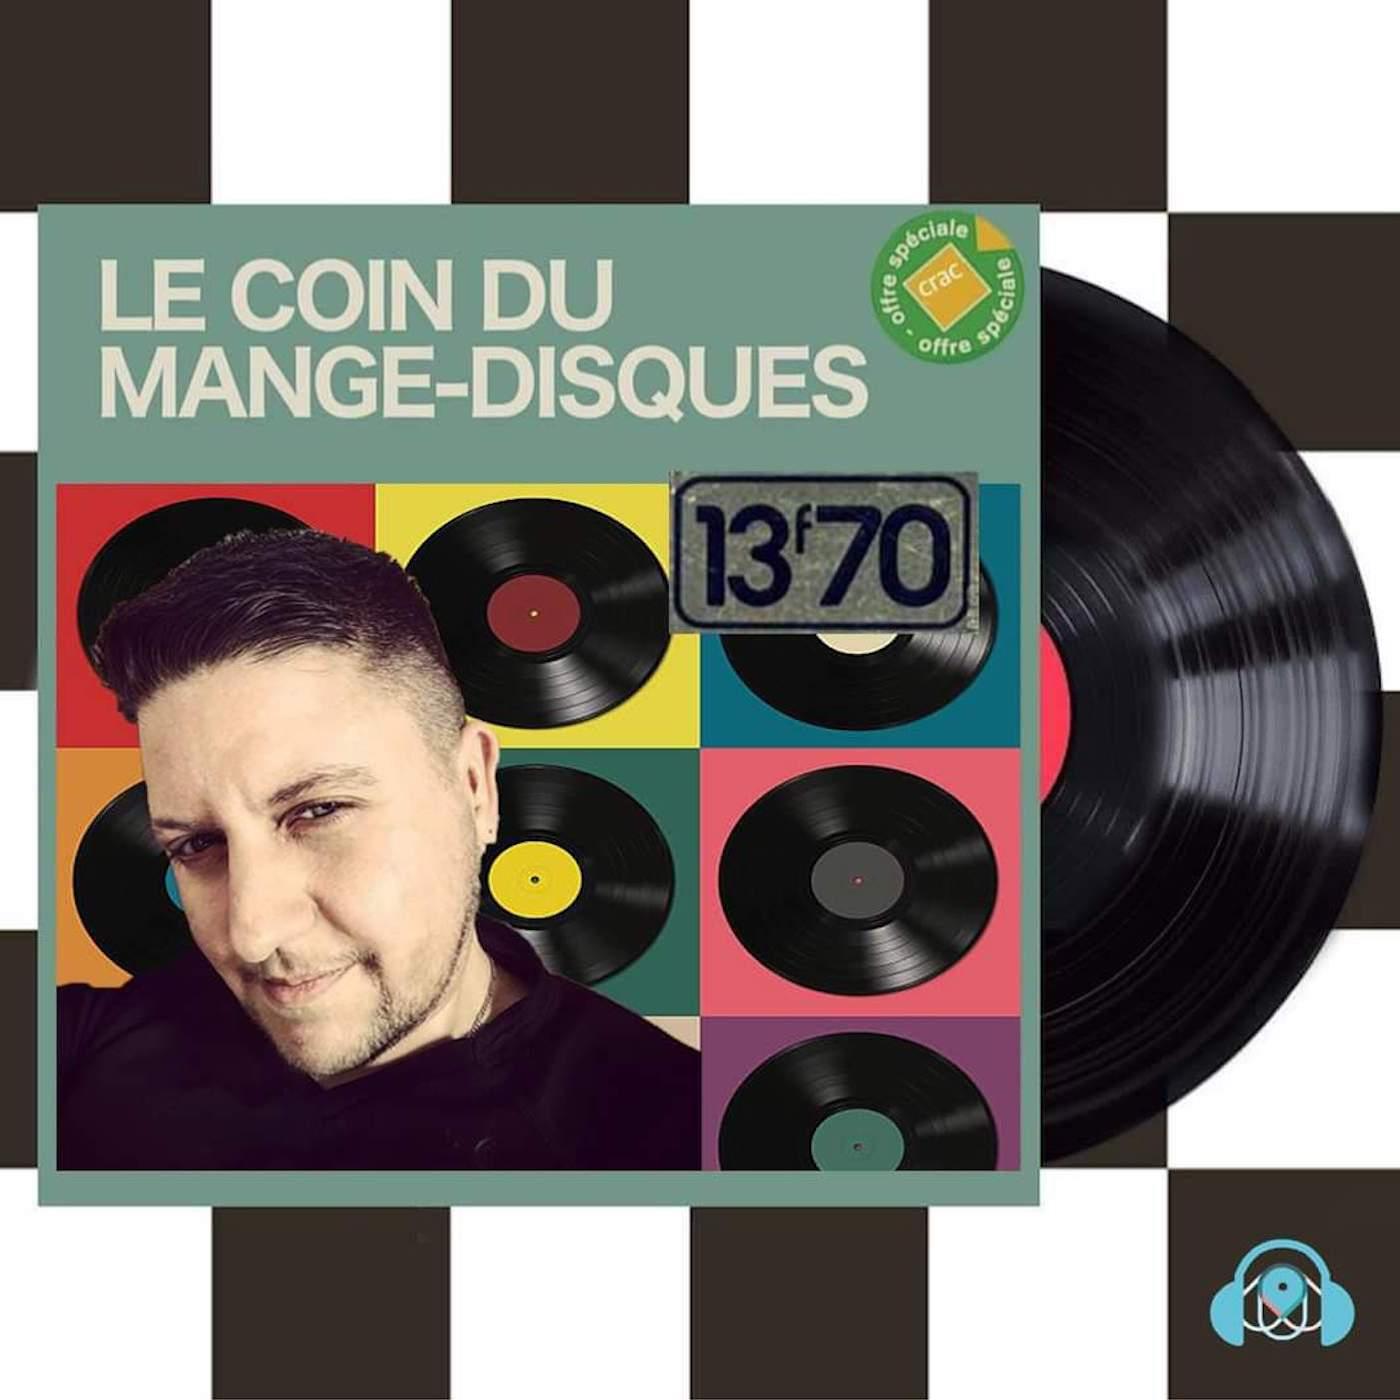 LE COIN DU MANGE-DISQUES S1E16 - Frère & soeur